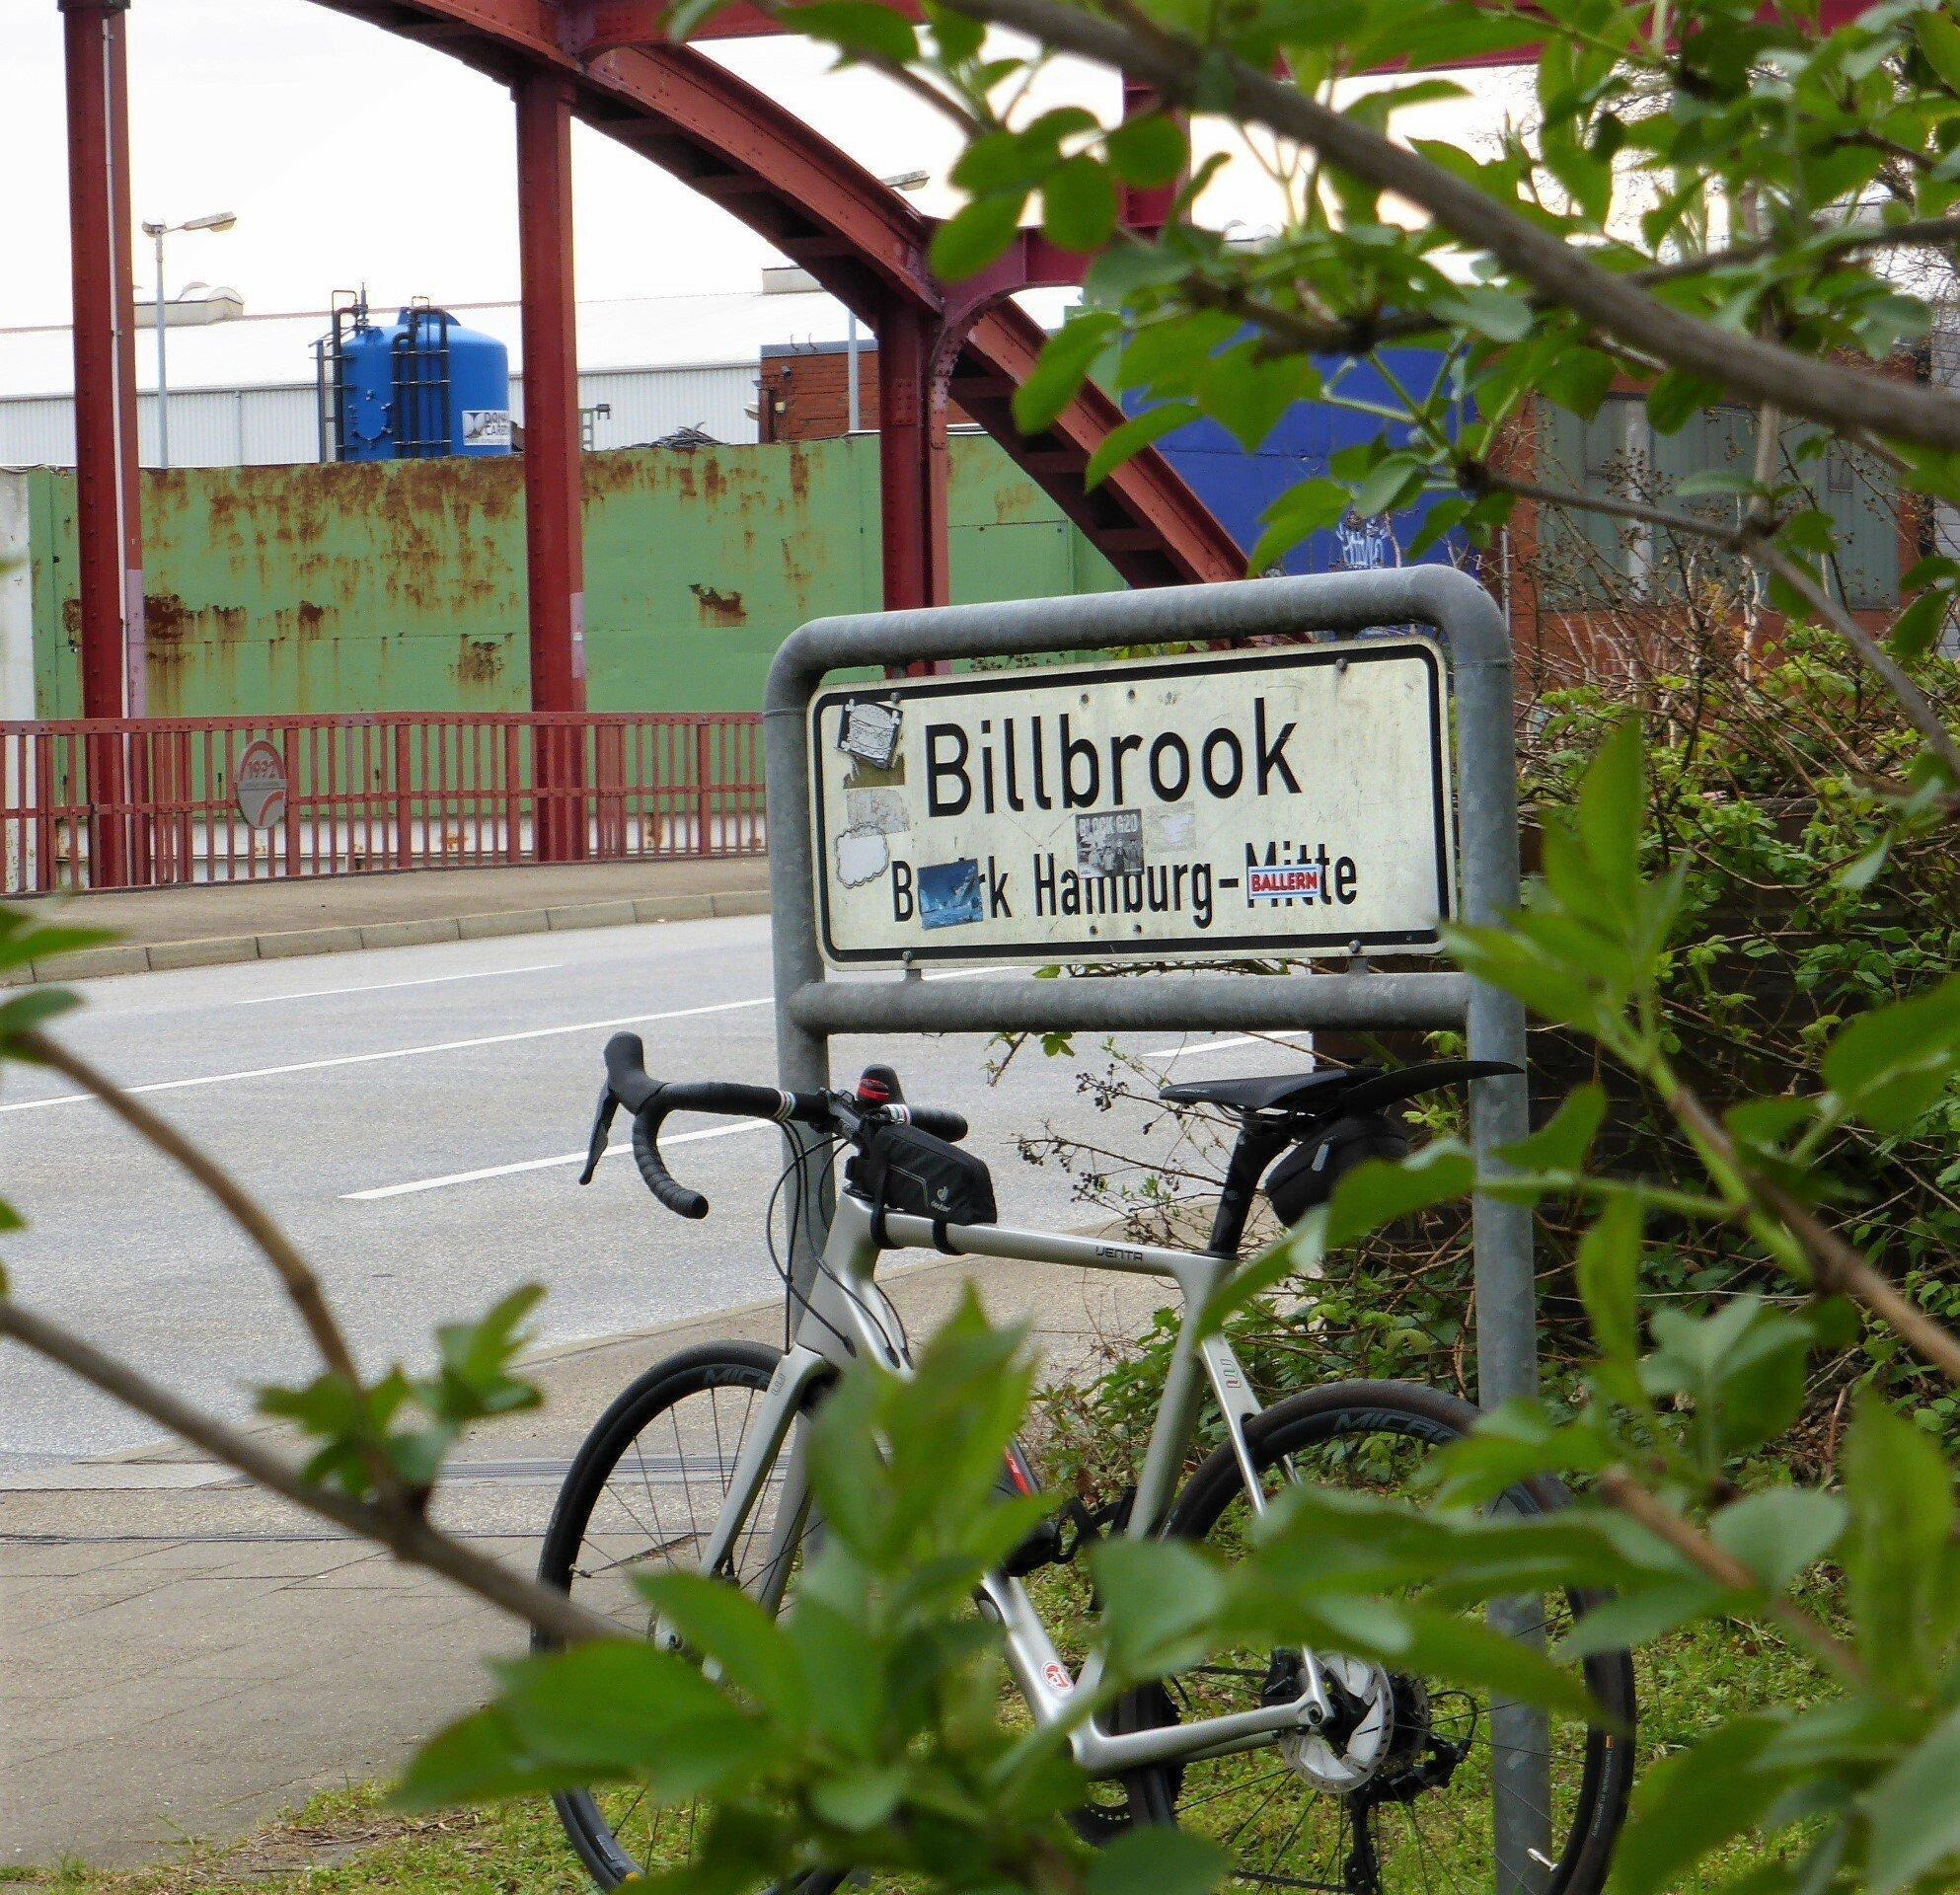 Im Hintergrund zeichnen sich rostrote Eisenbögen einer Brücke ab. Im Vordergrund zu sehen ist das Schild, das den Beginn des Stadtteils Billbrook markiert. Daran lehnt das Rennrad des RadelndenReporters.